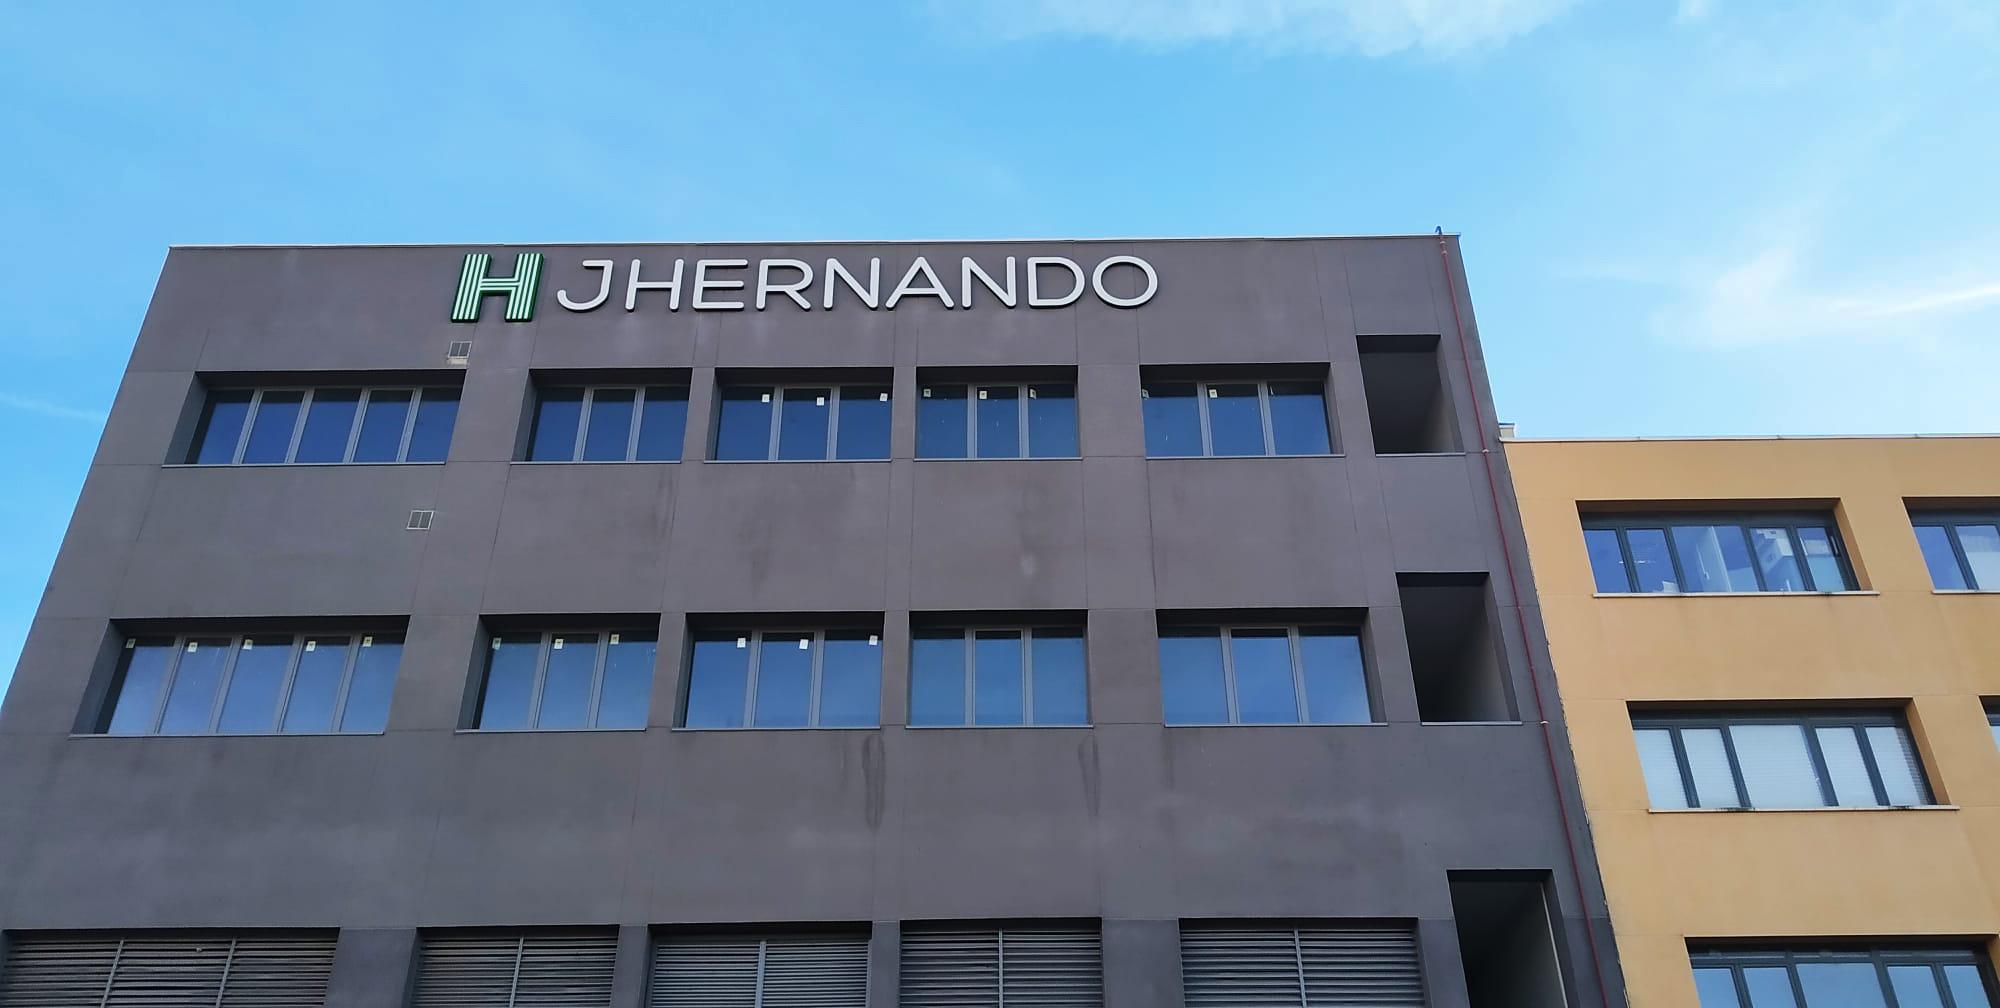 JHernando inaugurará su segunda fábrica en Madrid